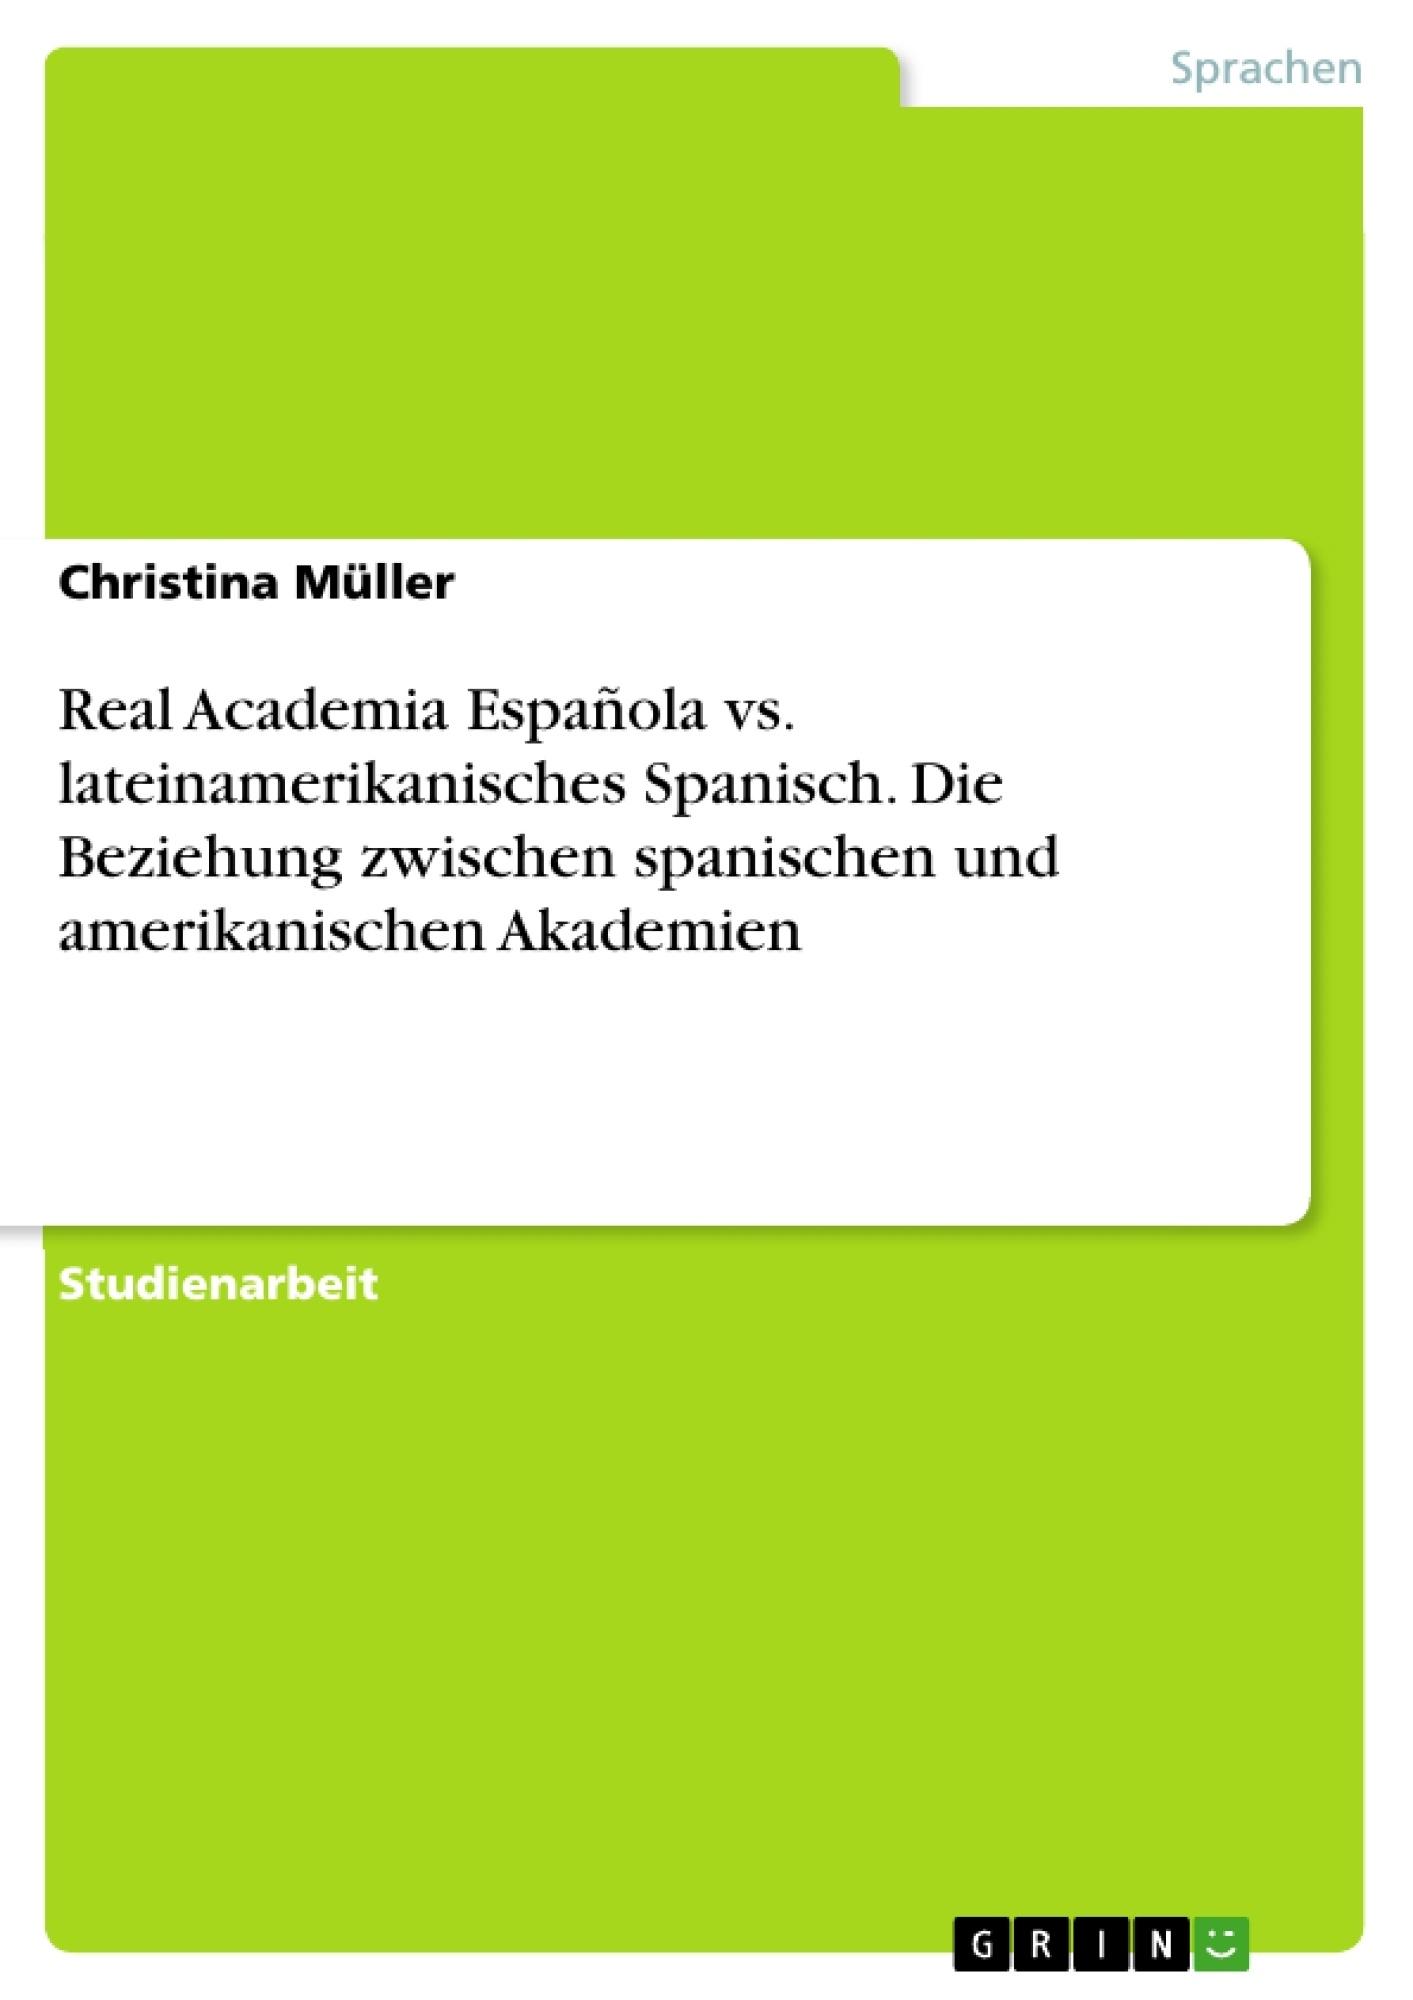 Titel: Real Academia Española vs. lateinamerikanisches Spanisch. Die Beziehung zwischen spanischen und amerikanischen Akademien